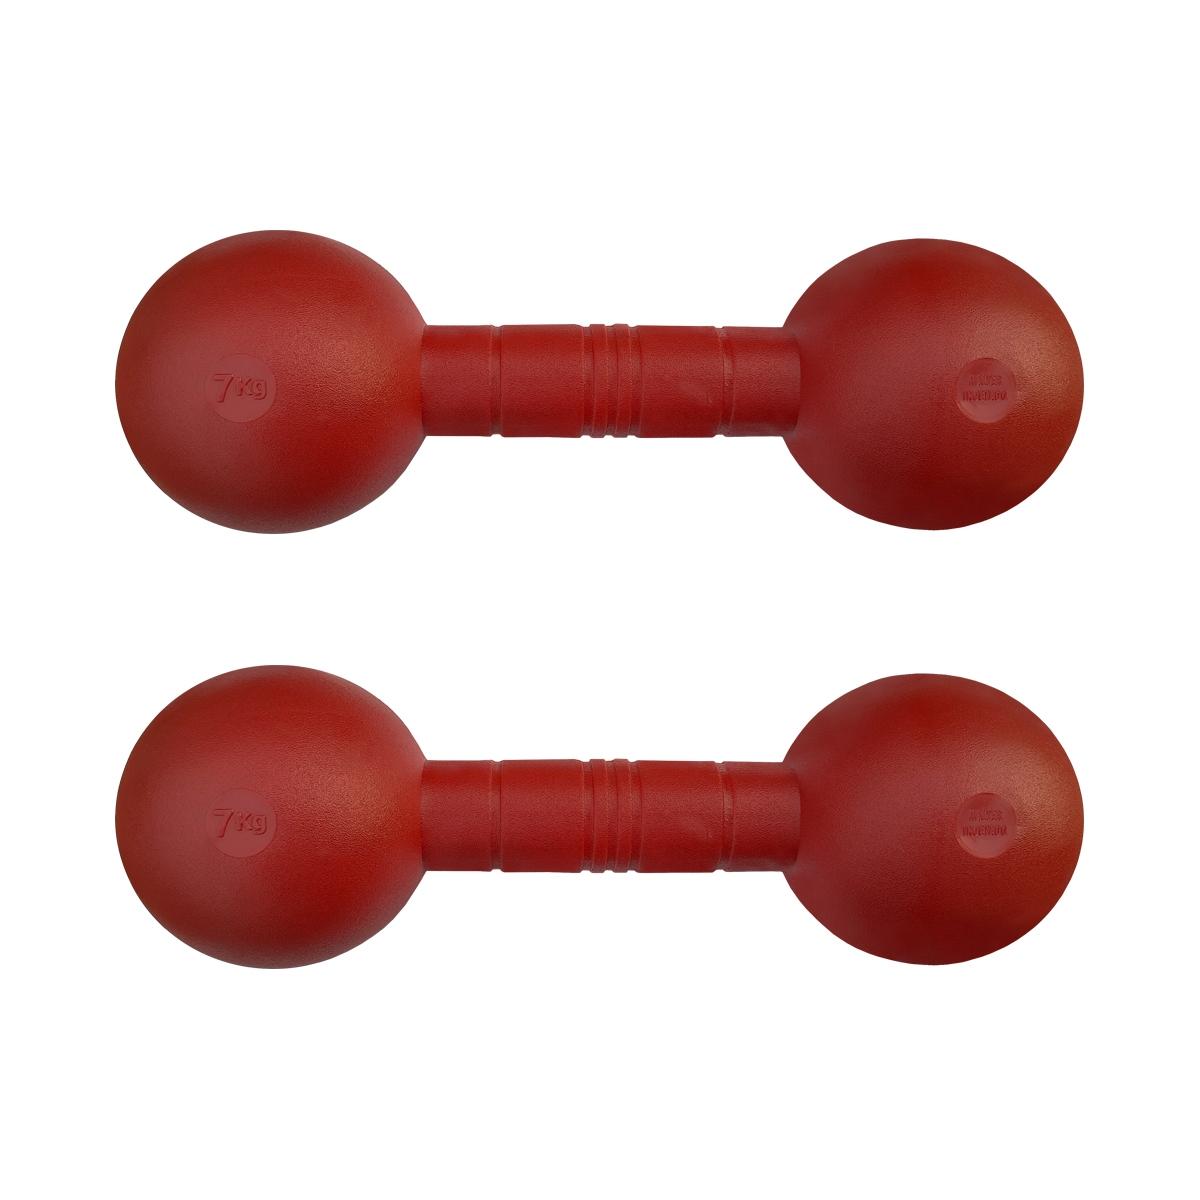 Kit com 2 Halteres Injetados Vermelhos Revestidos com Grossa Camada de PVC